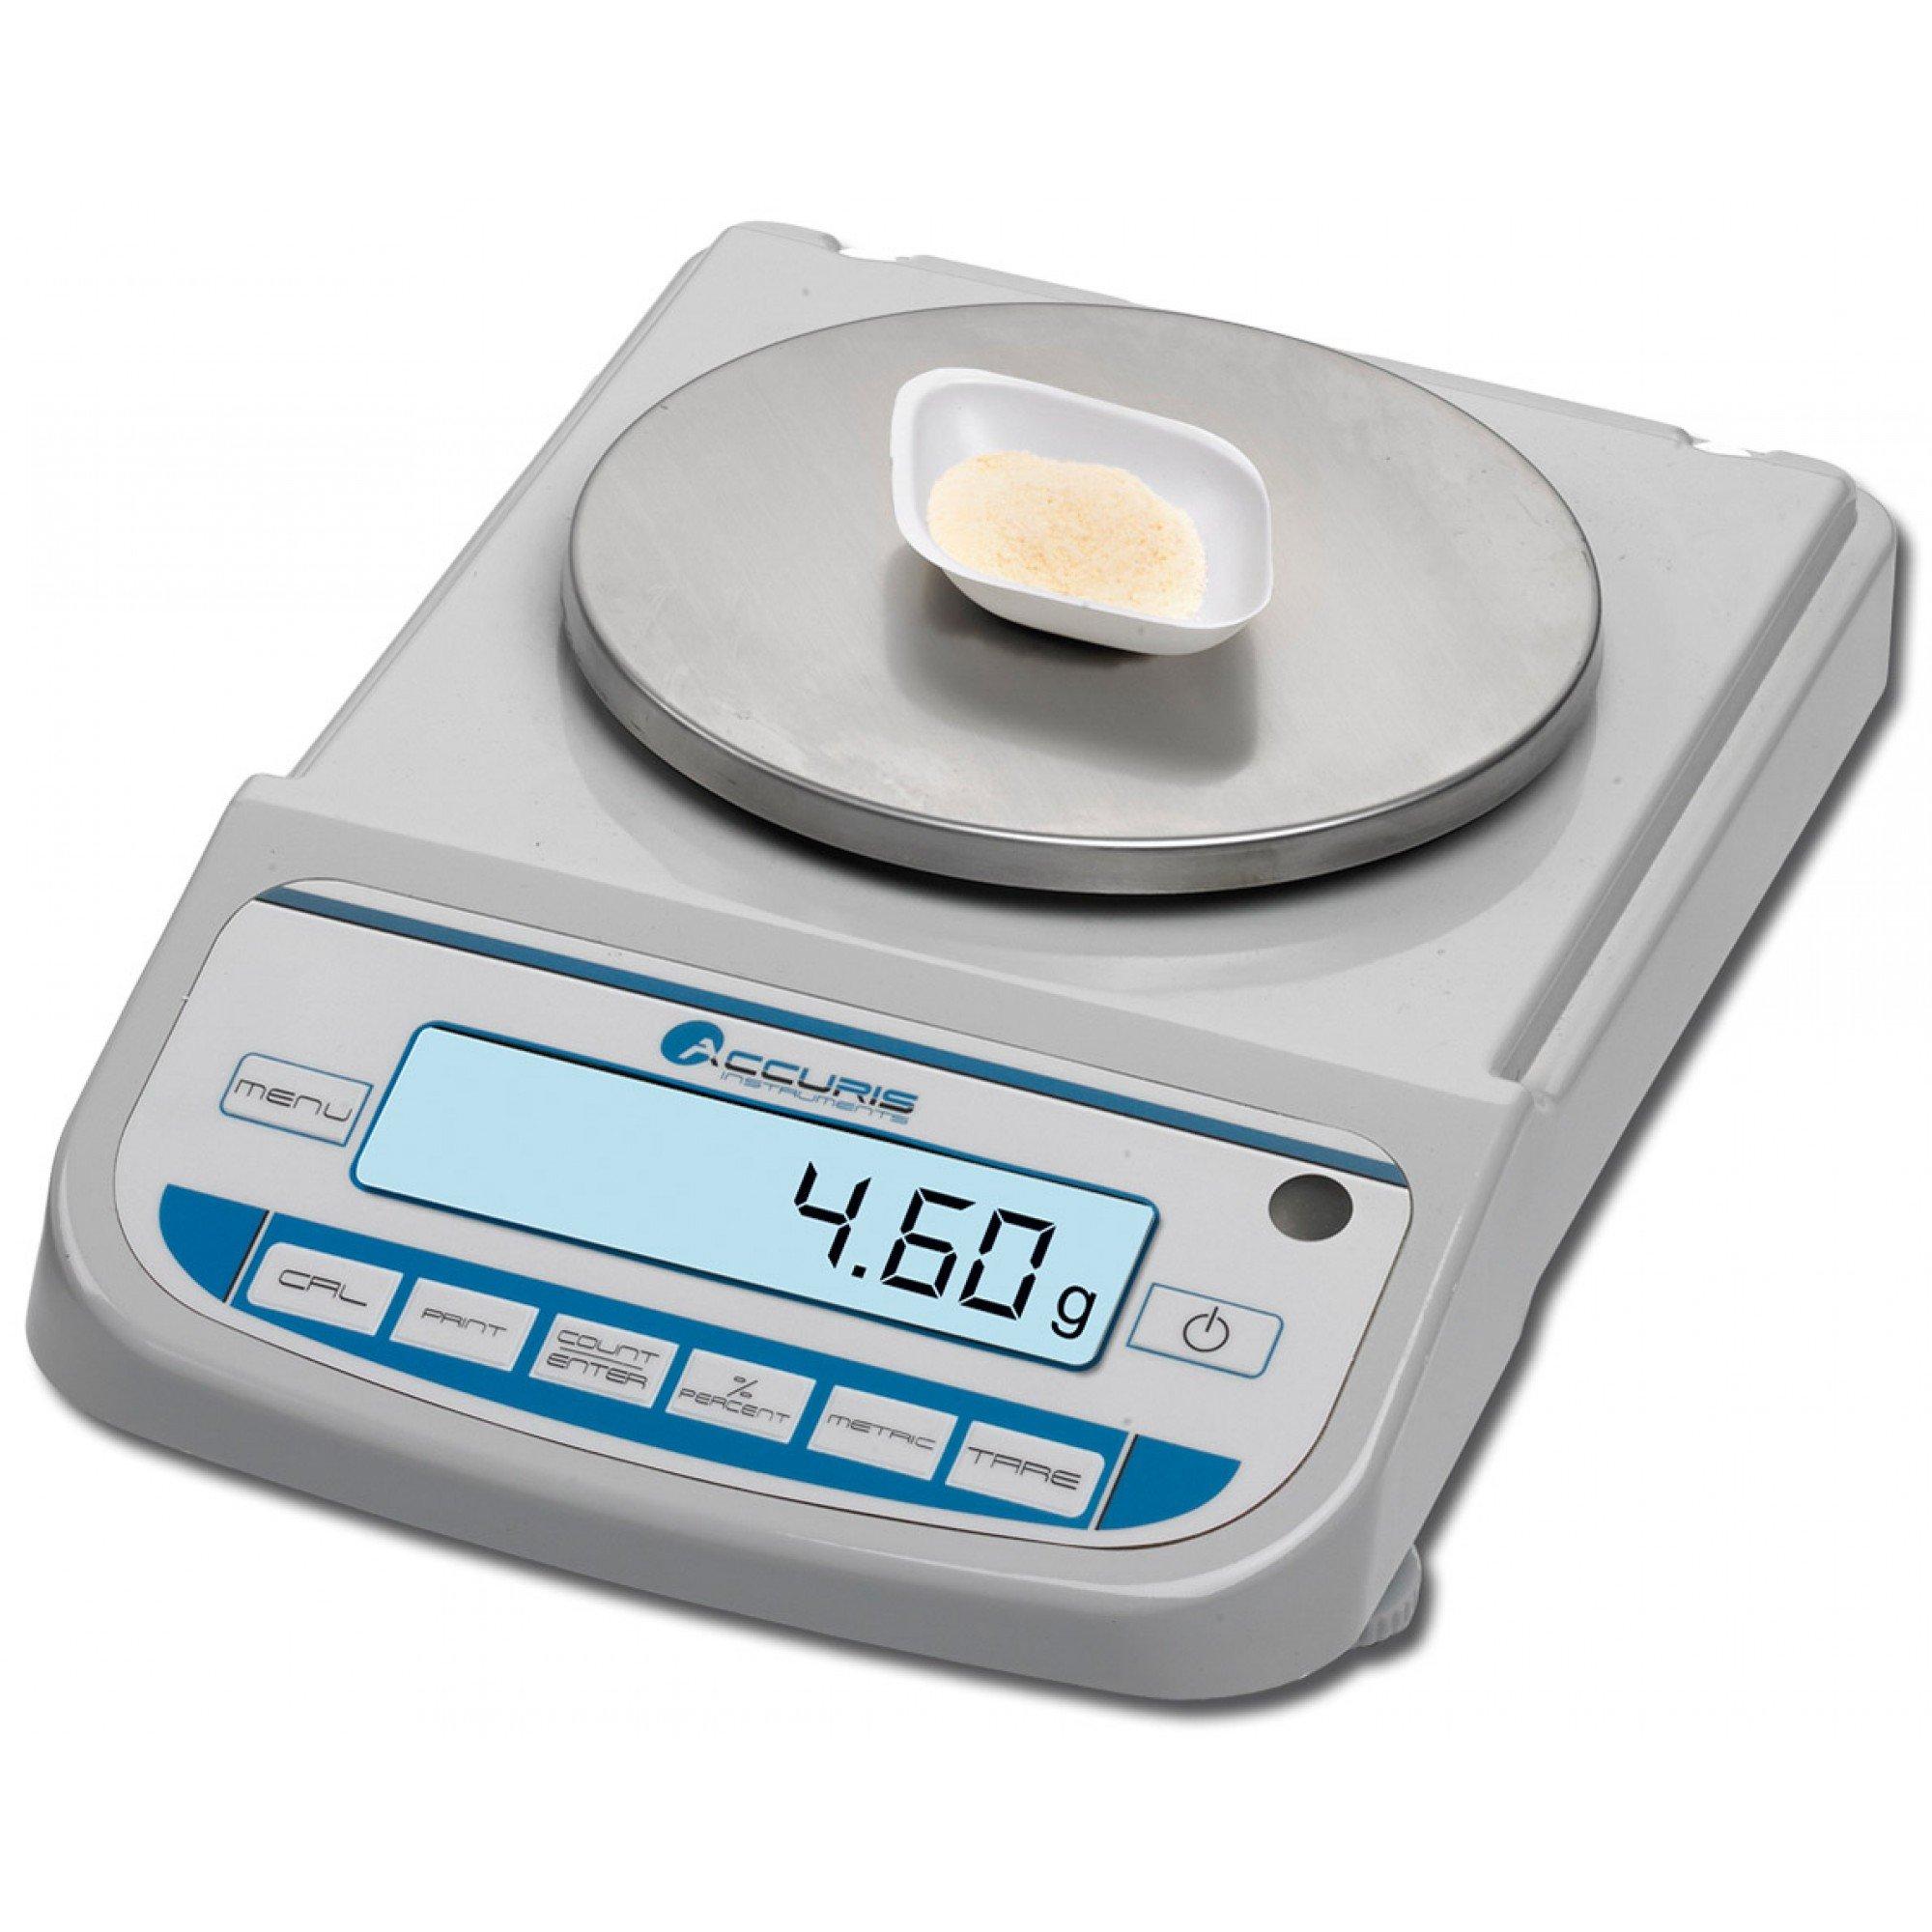 Accuris Precision Balance, 3200 g